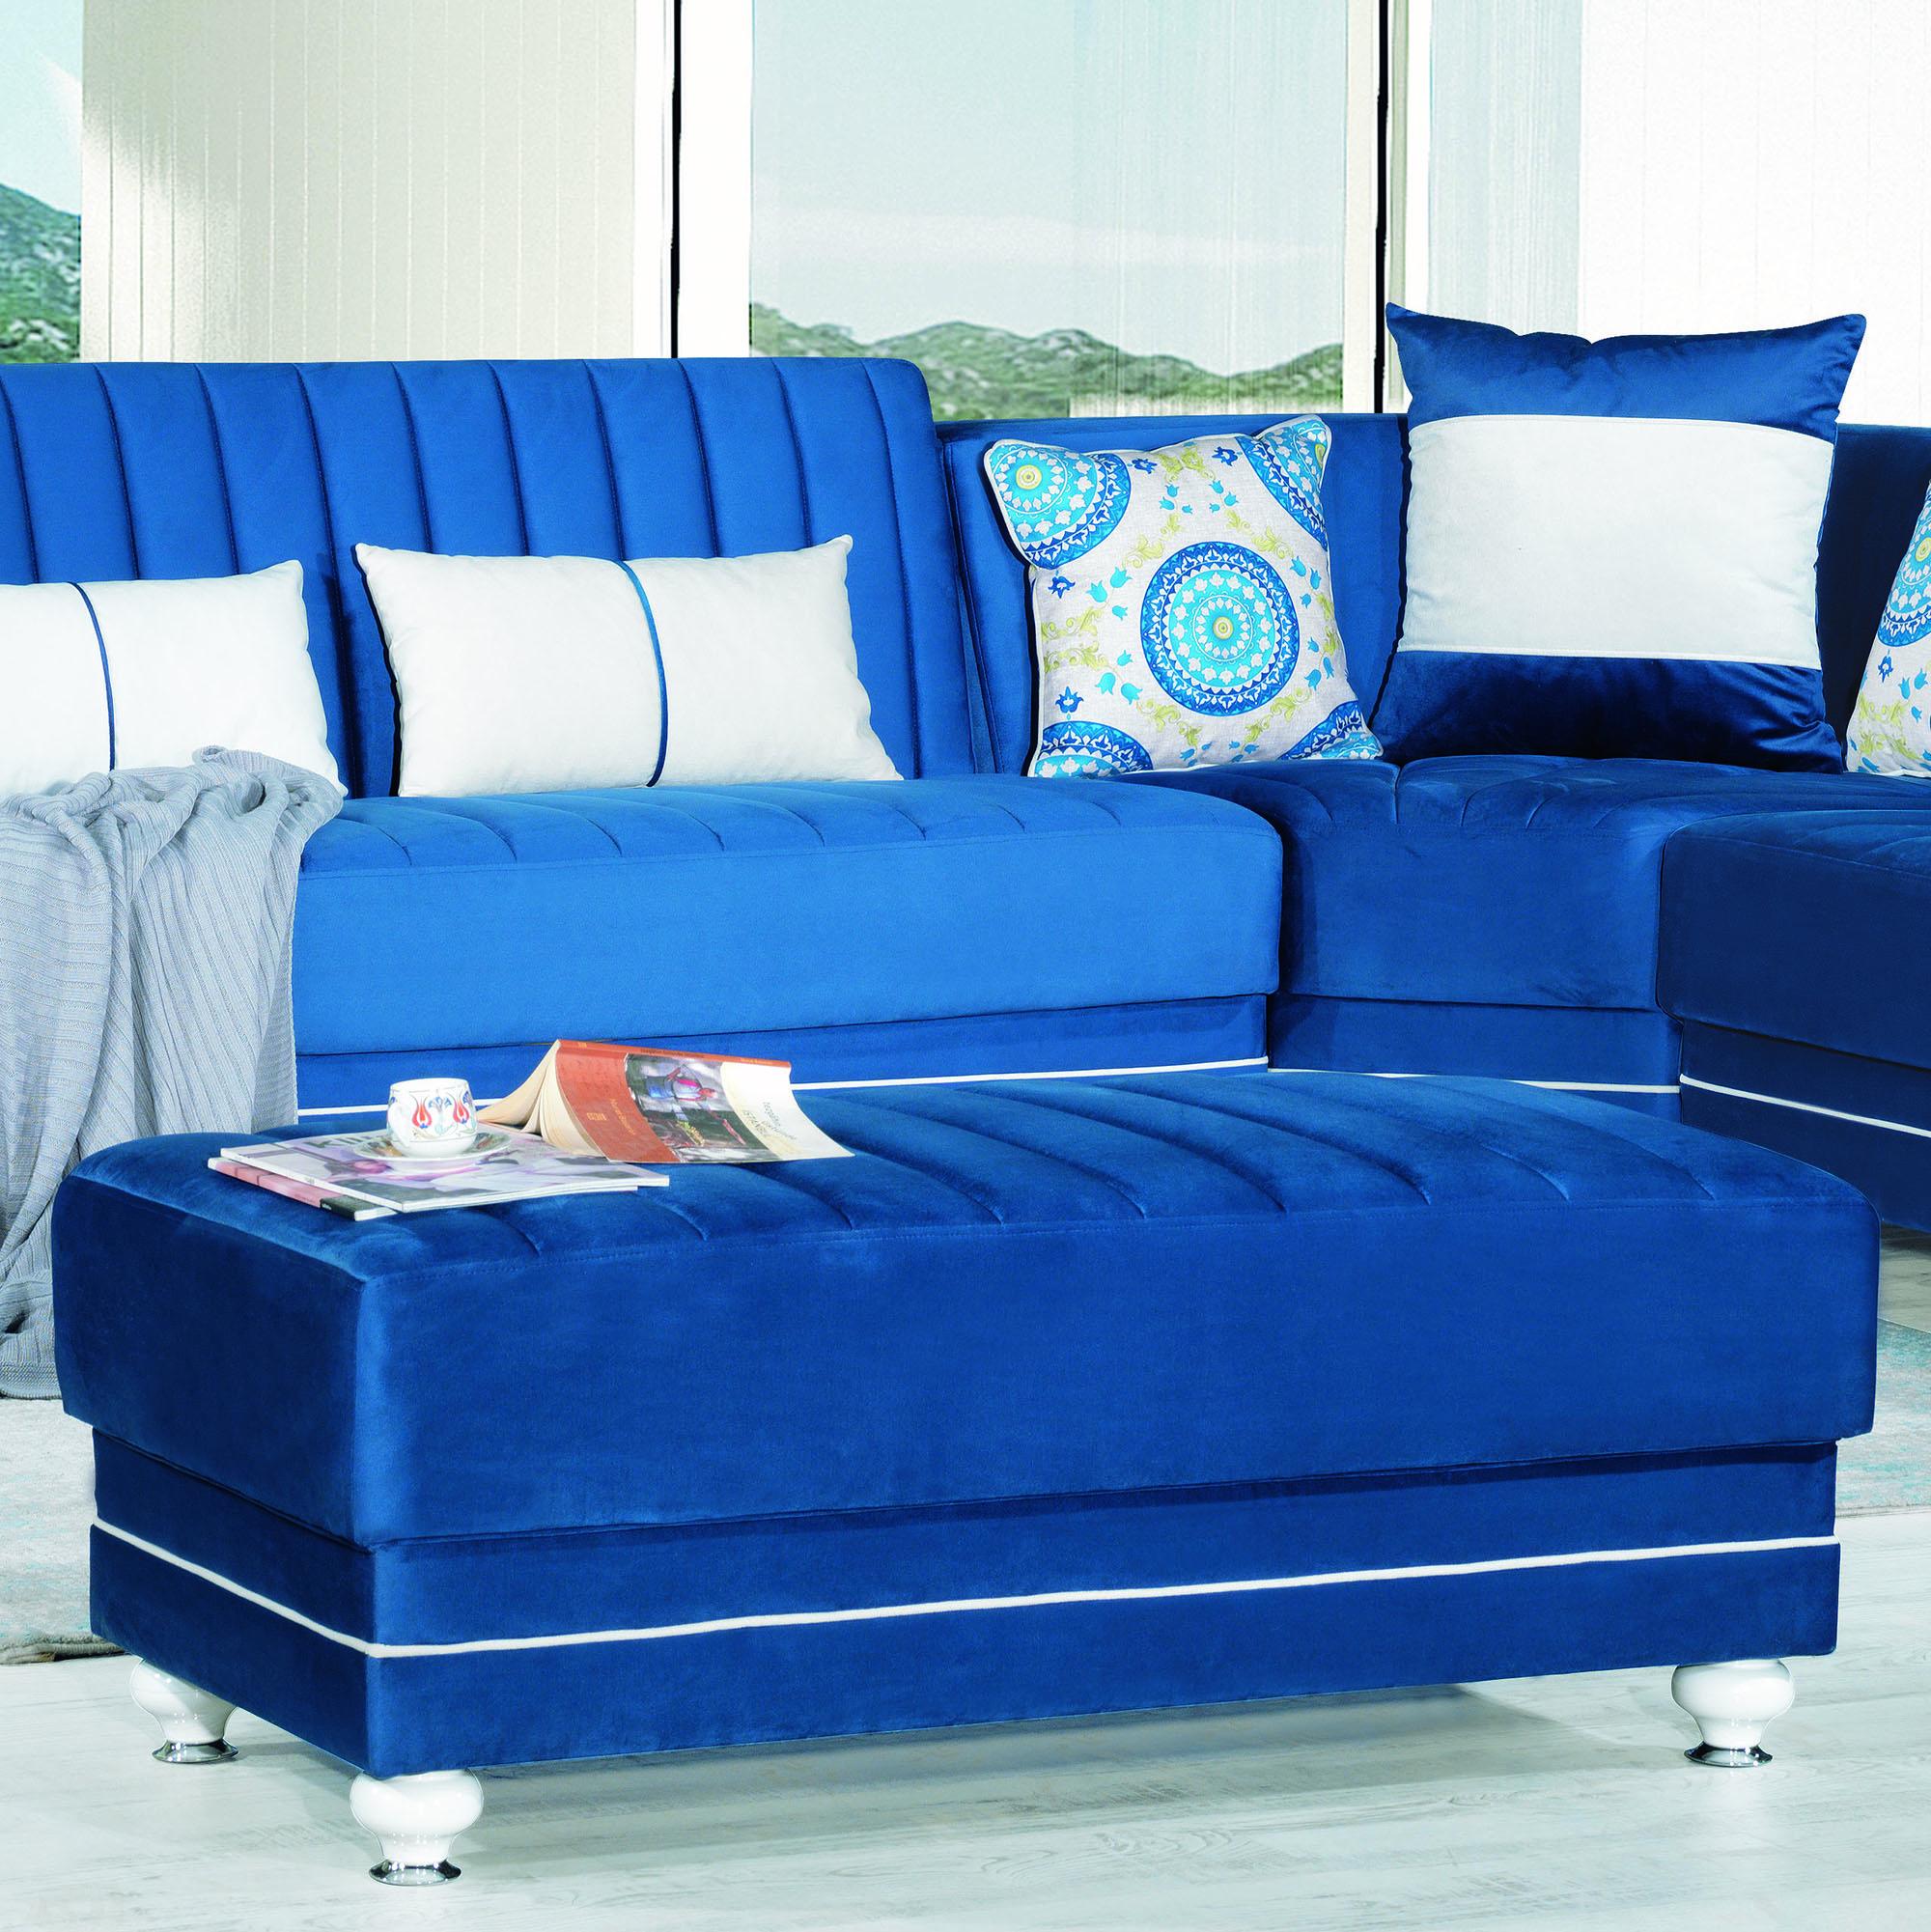 Royal Home Fabric Upholstery Modern Ottoman